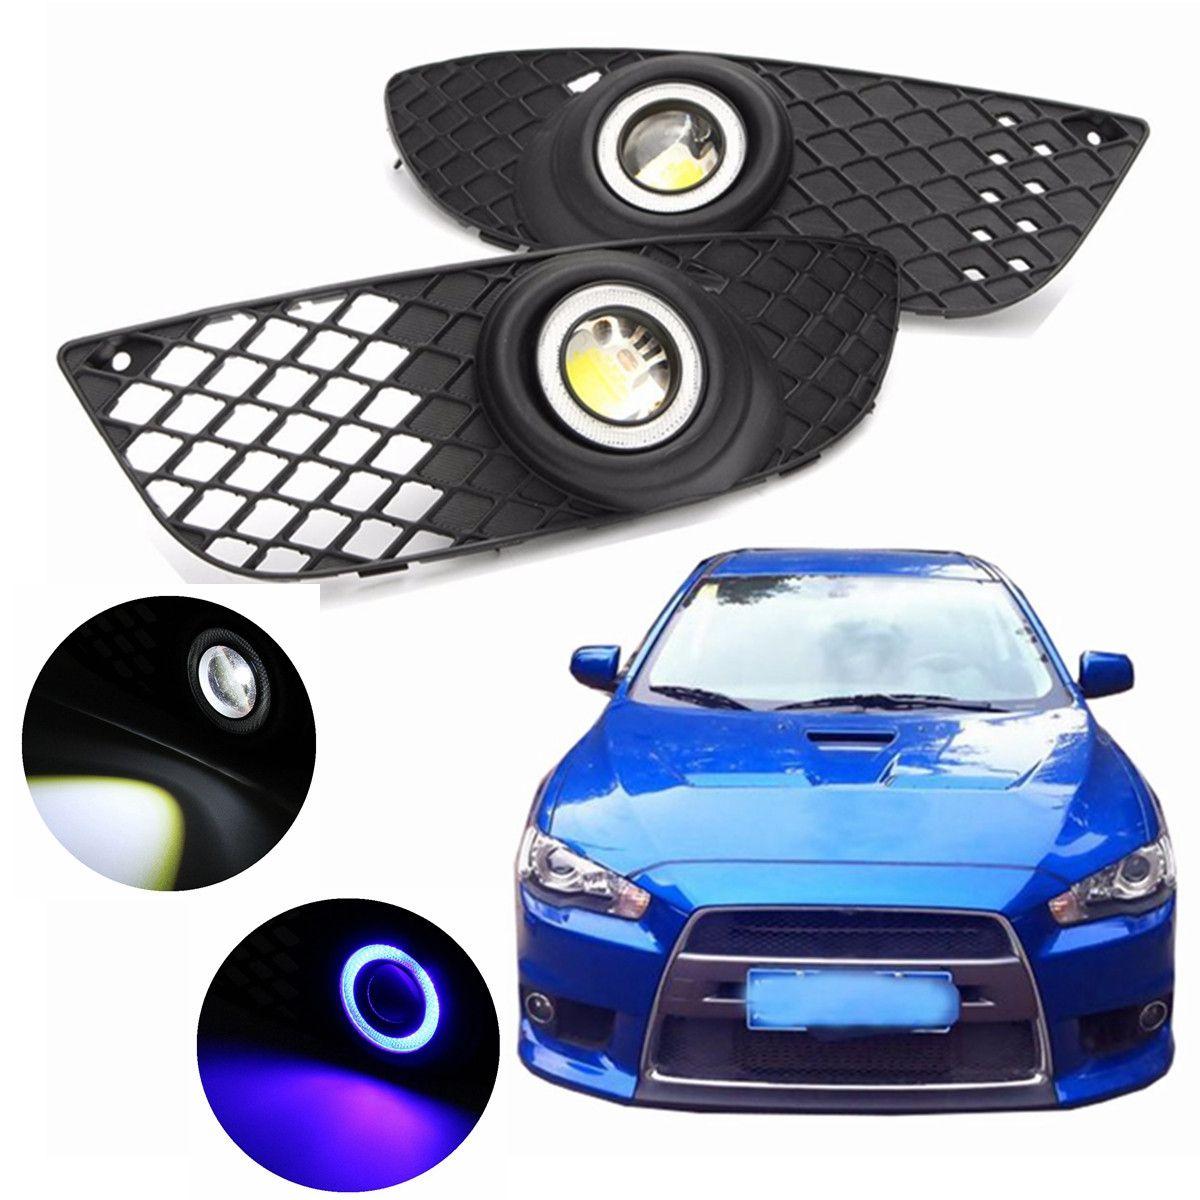 3 color 2Pcs Car Styling H3 Fog Lamp Fog Light Angel Eyes DRL Daytime Running Light For Mitsubishi Lancer 2008-2014